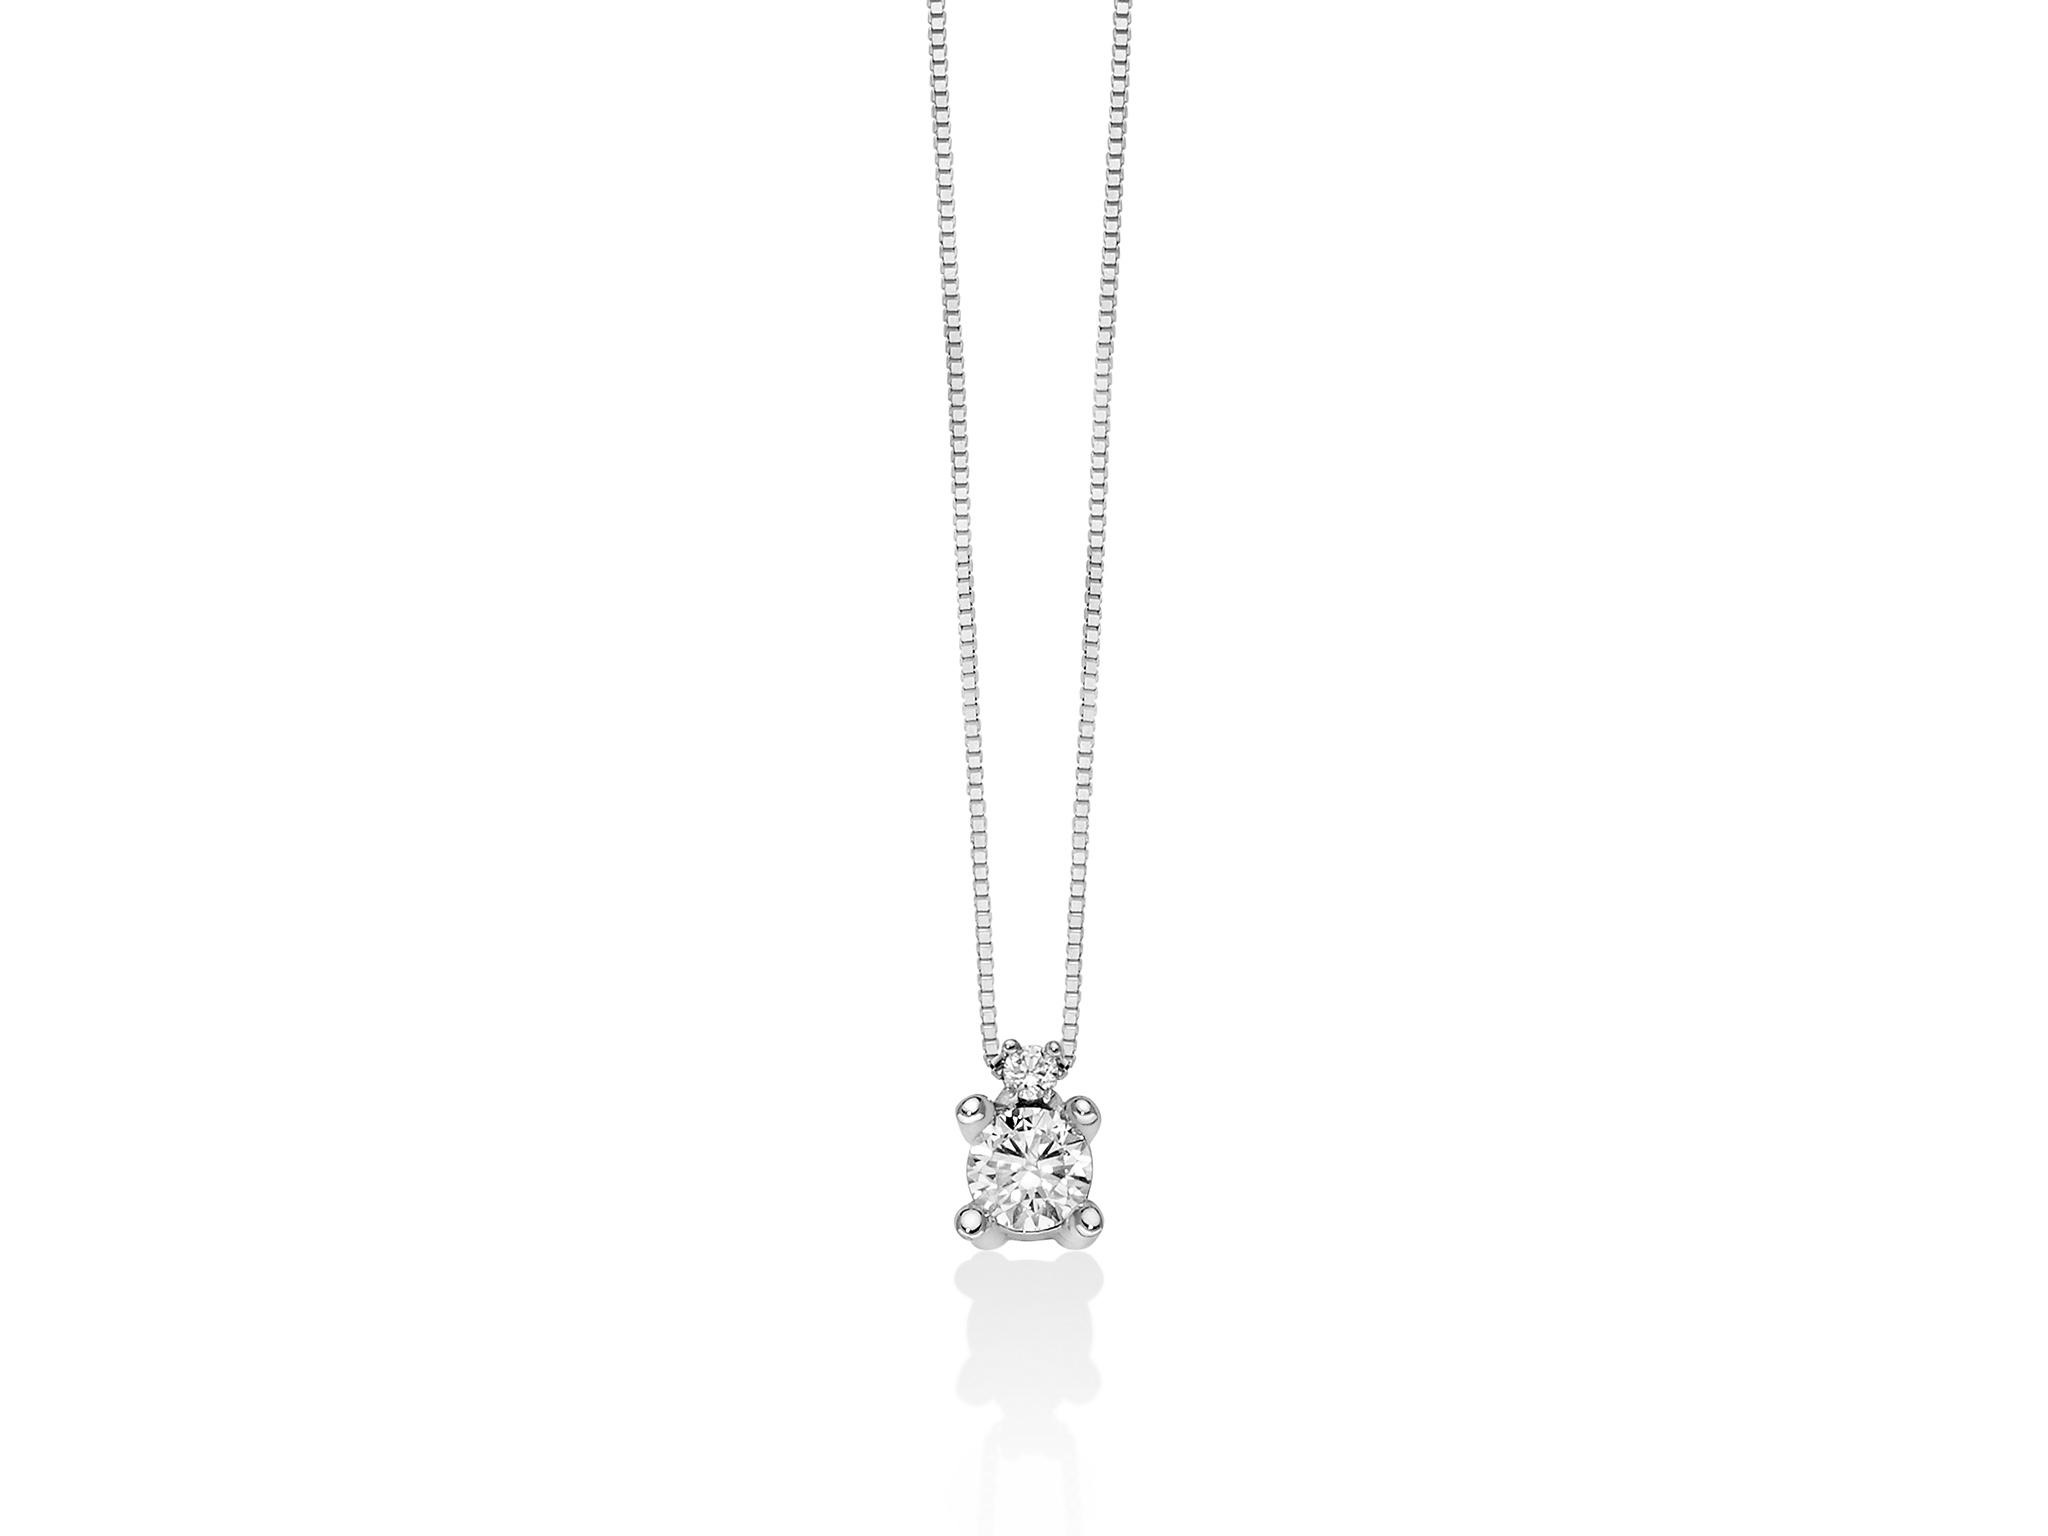 Punto luce in oro con diamanti. - CLD4240-024G7